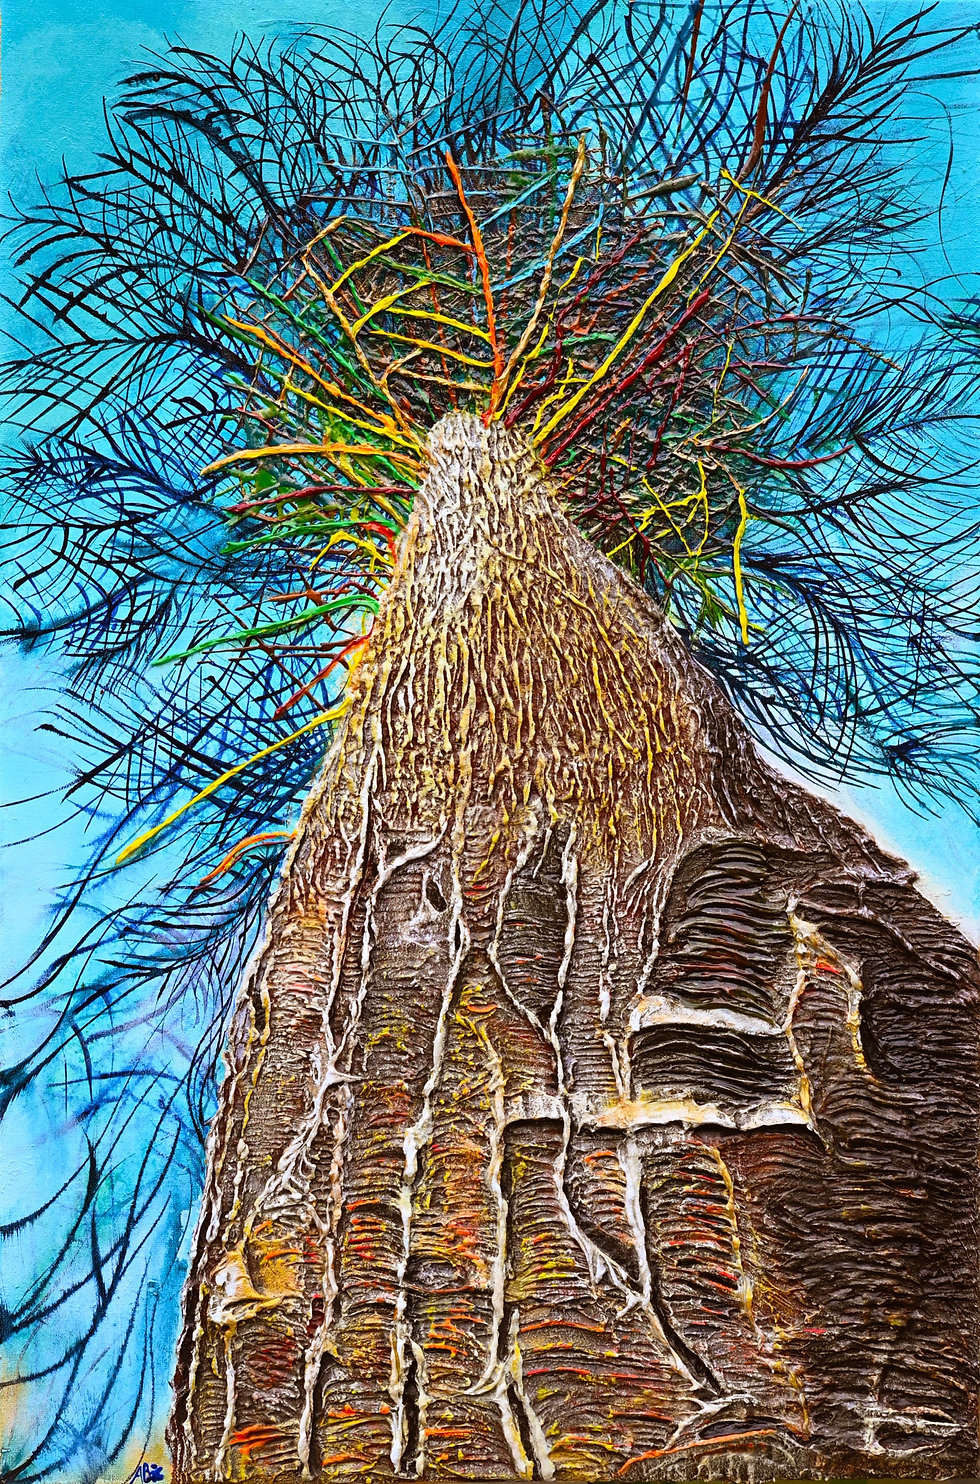 Acrylic Painting, Tree, Monkey Puzzle, Colourful, Art